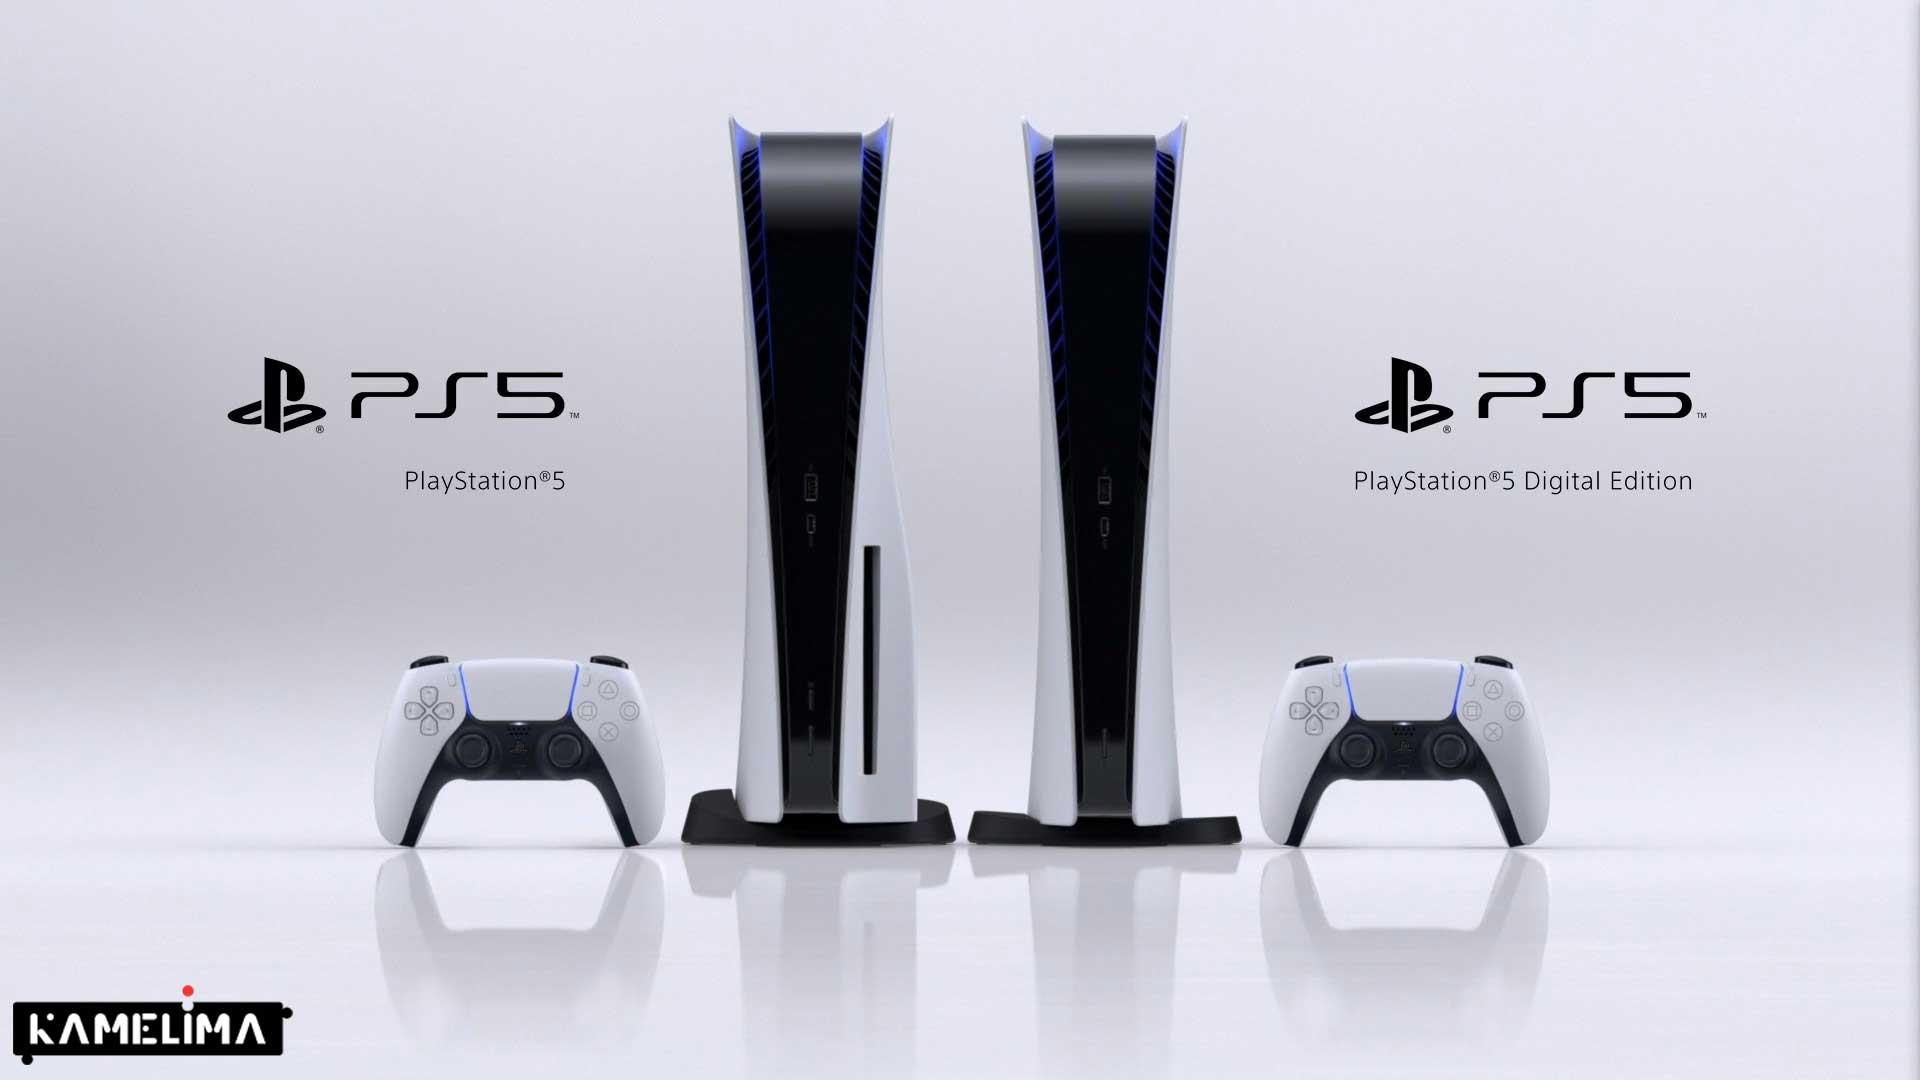 کنسول PS5 سونی